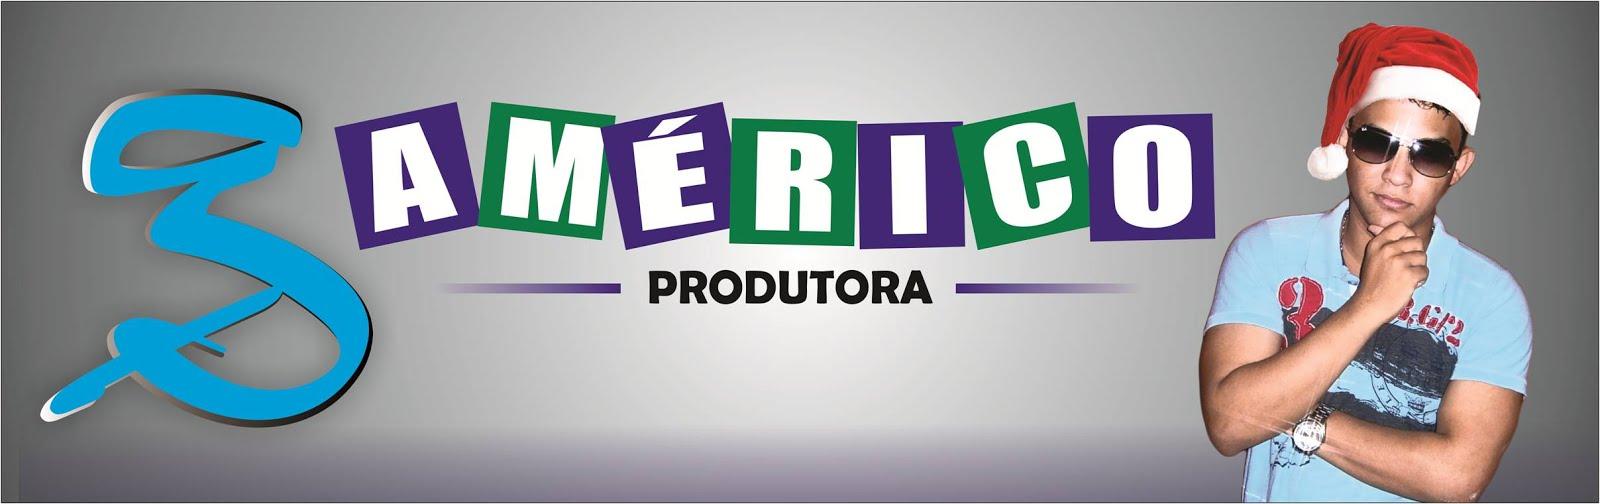 '-- Américo Produções --' Maior Produtora virtual da Web.